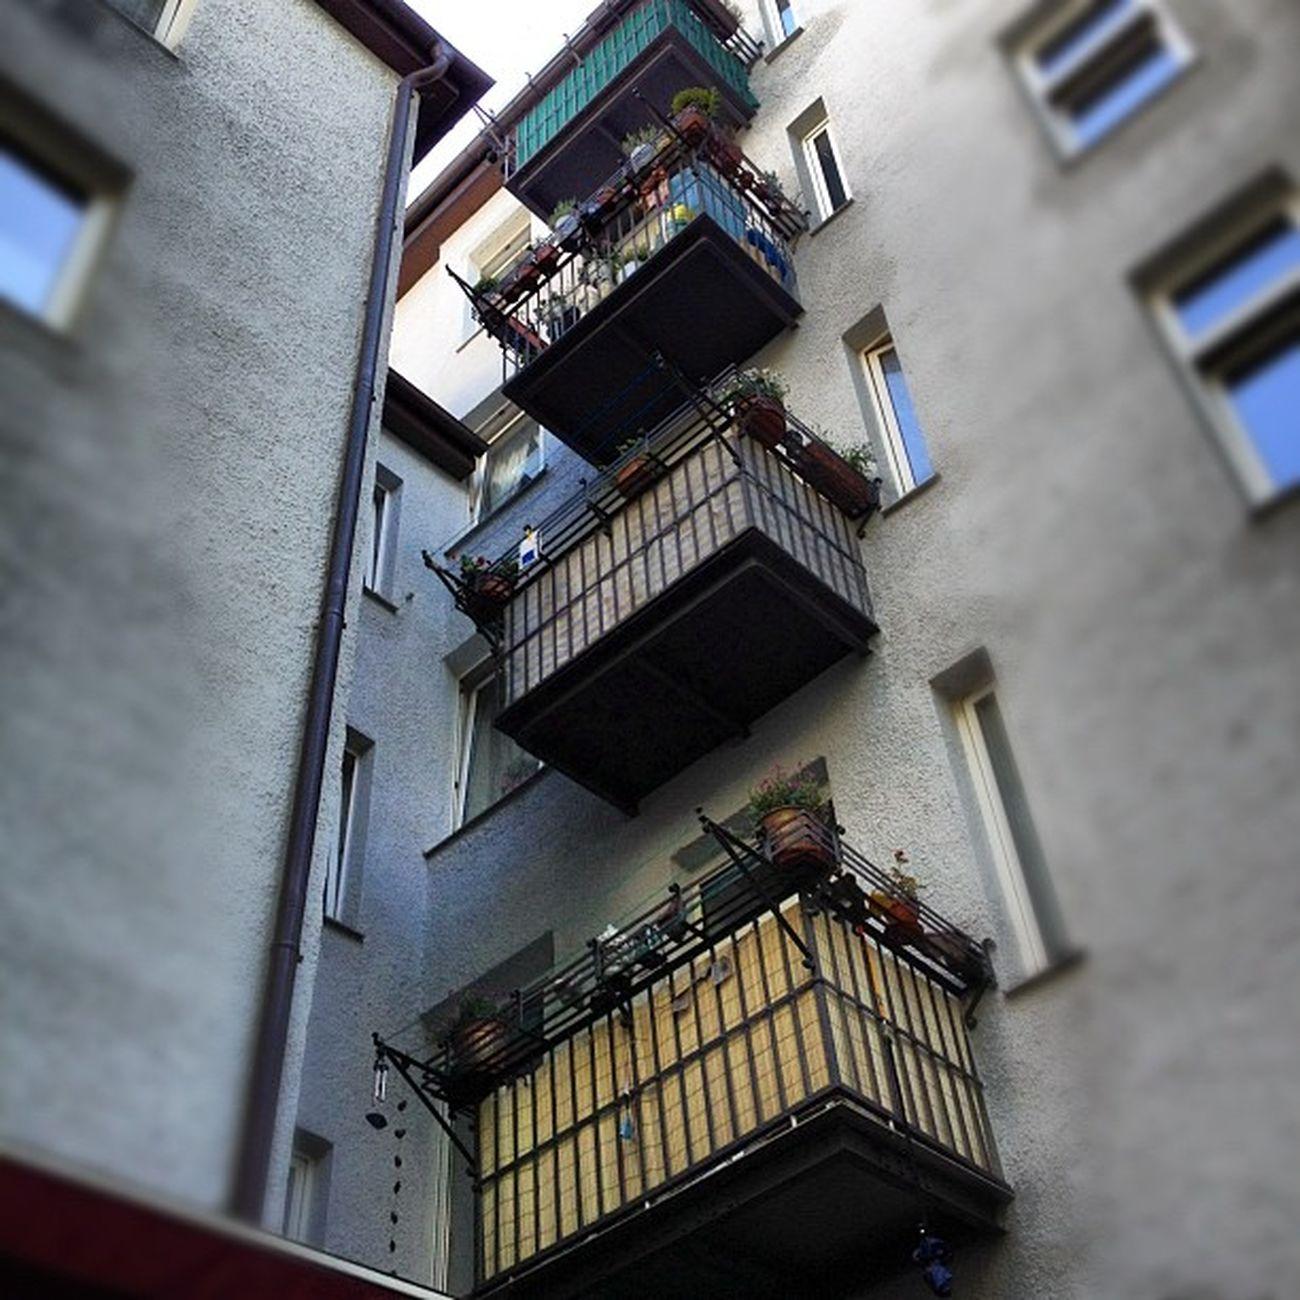 #balkon #hinterhof #münchen #munich #pictureoftheday #bavaria Hinterhof Munich München Bavaria Balkon Pictureoftheday